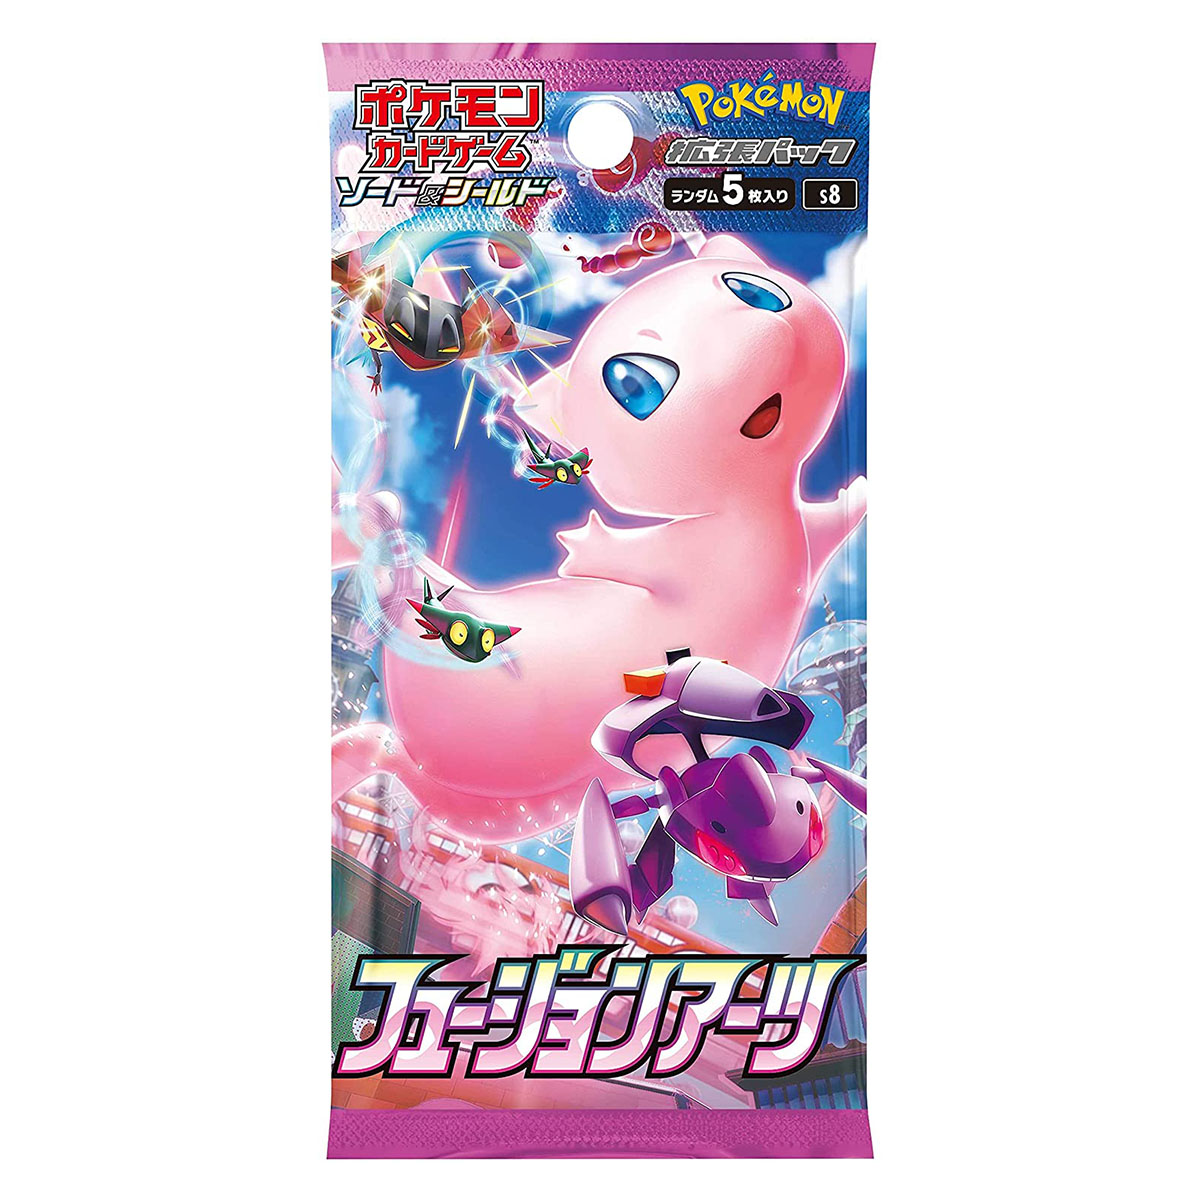 ポケモンカードゲーム ソード&シールド 拡張パック『フュージョンアーツ』BOX-002